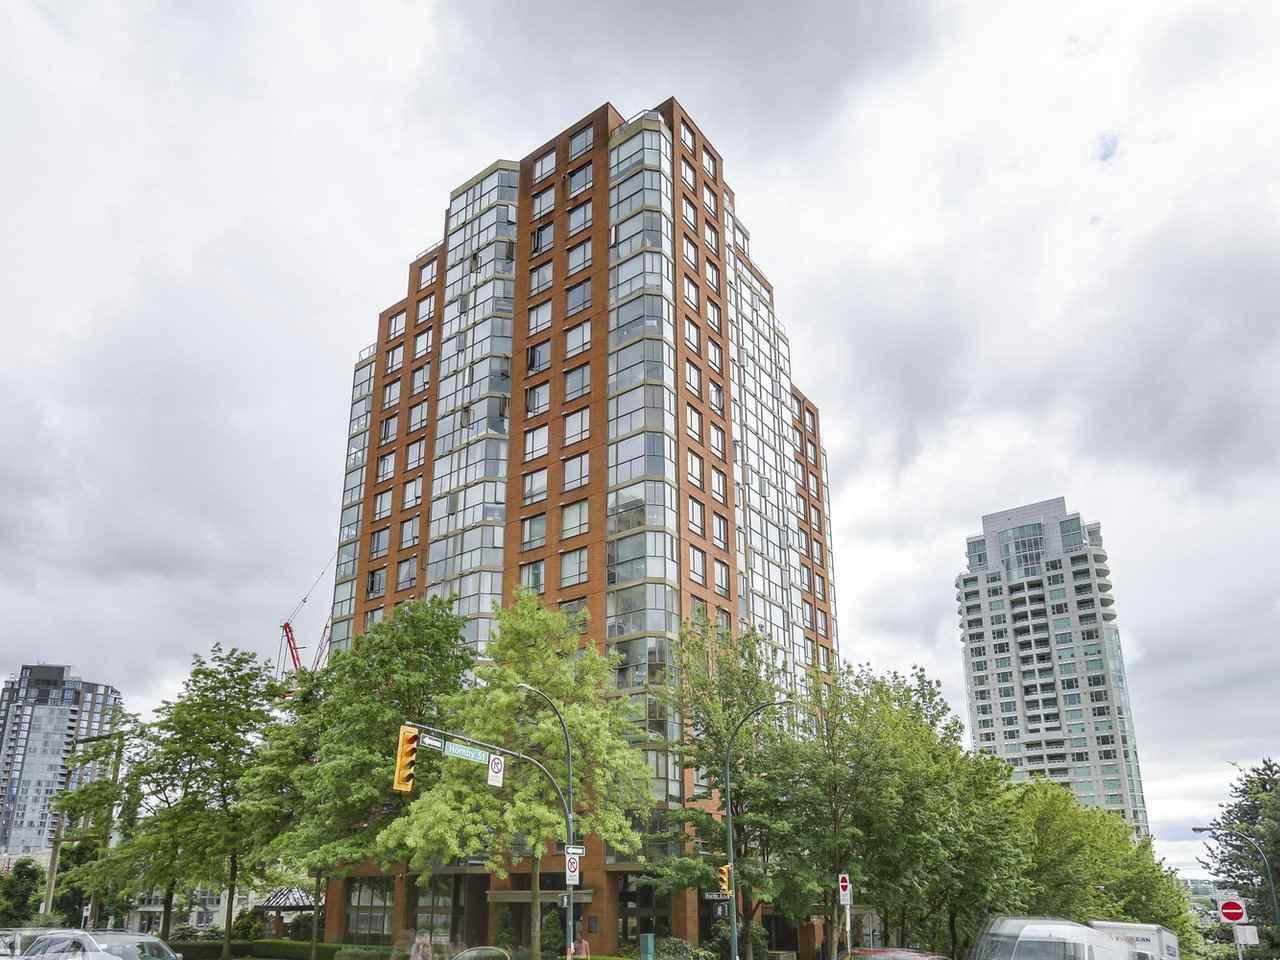 888 PACIFIC STREET 1202, Vancouver, BC V6Z 2S6